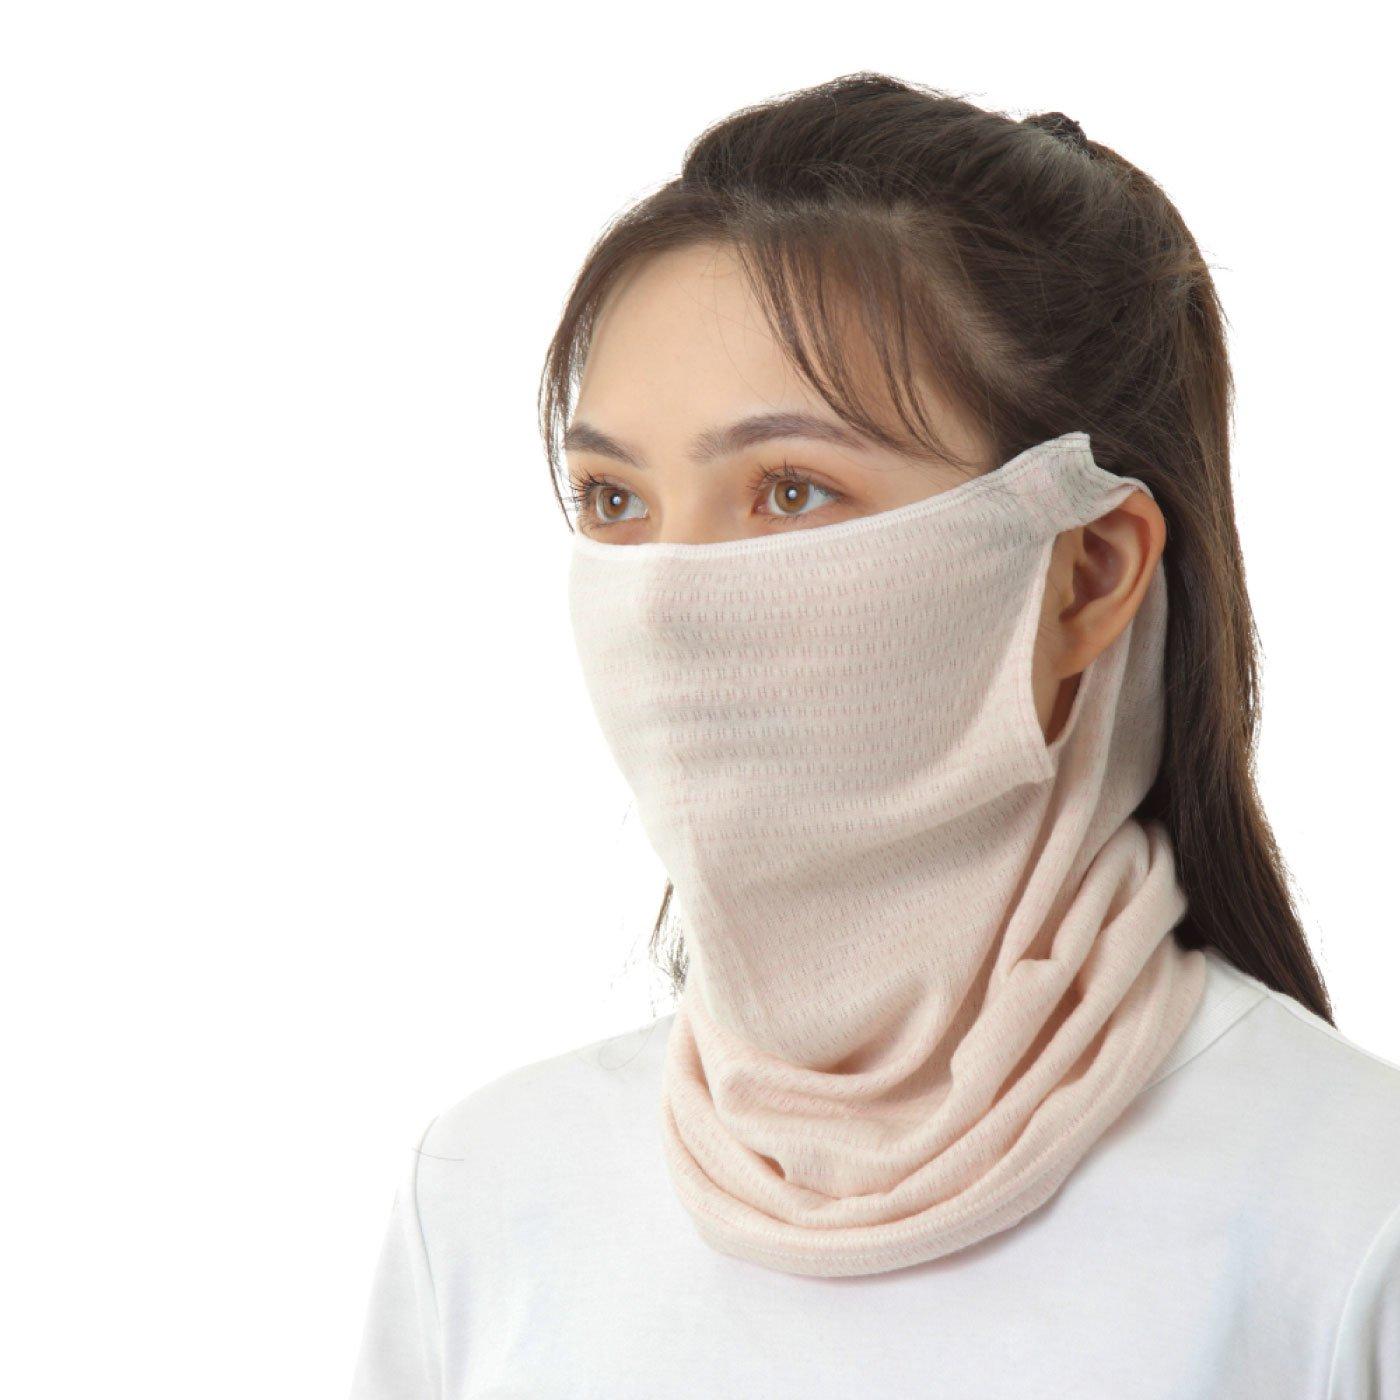 シルク&コットンで心地いい肌触り ネックカバーにもなるマスク